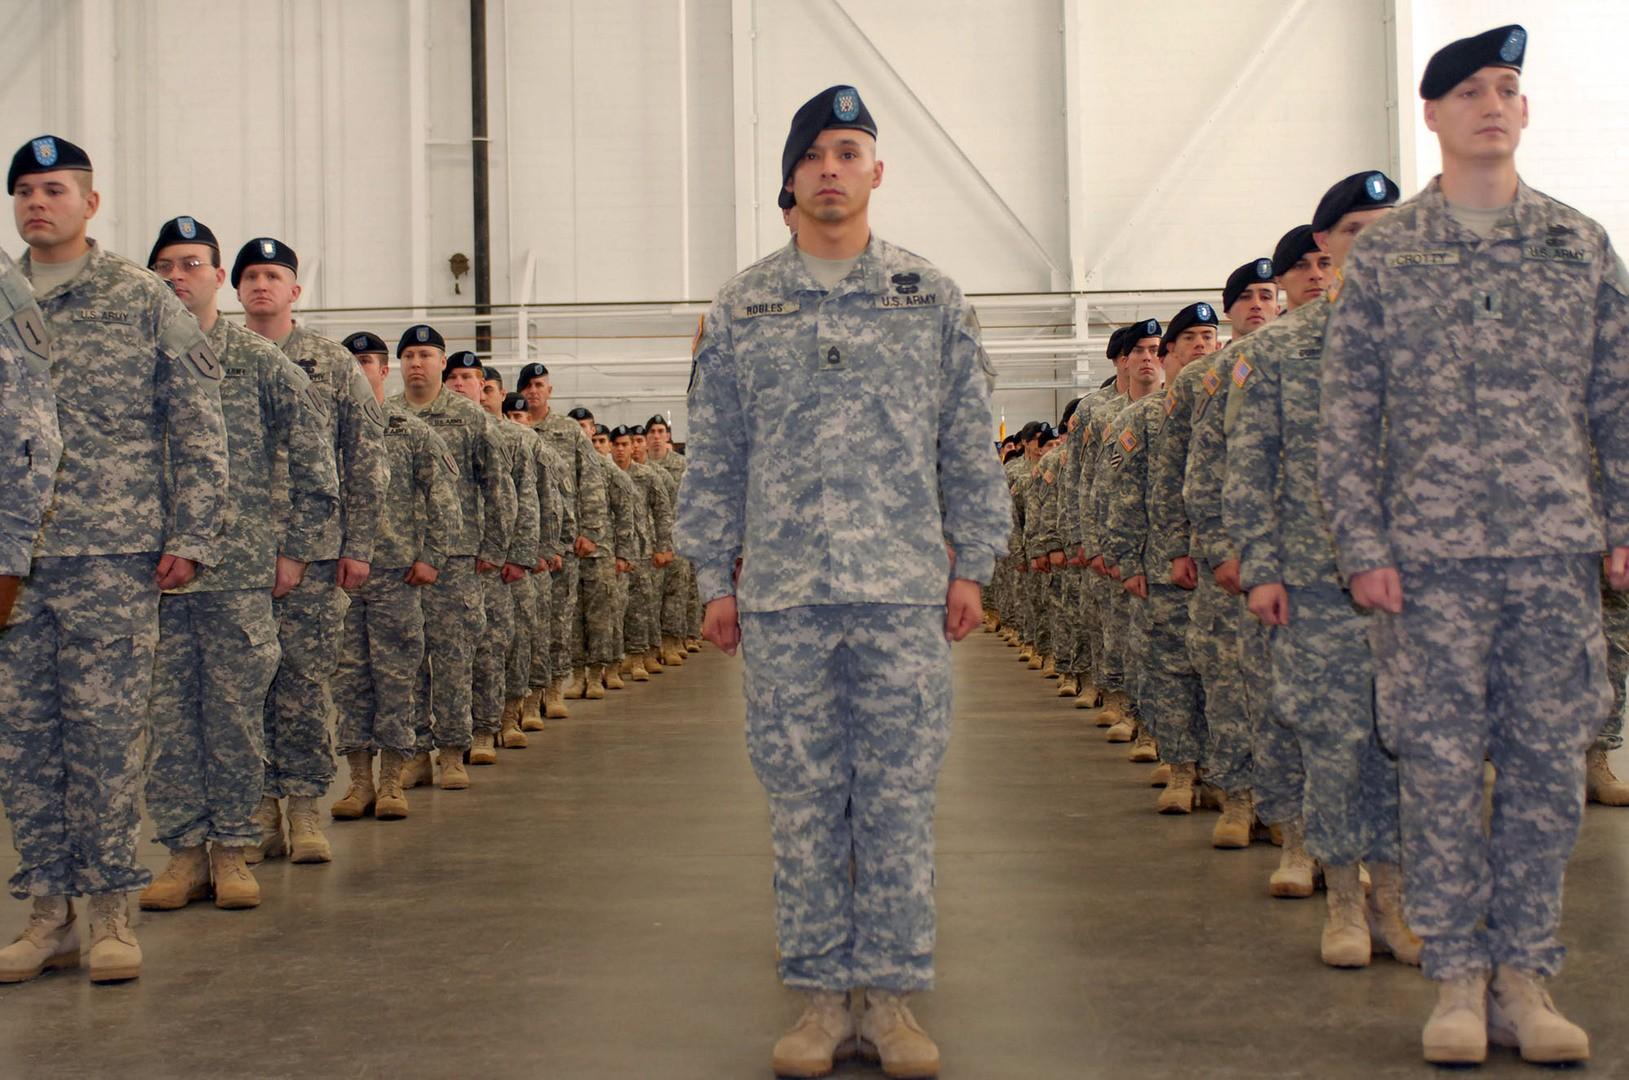 Строй американских солдат